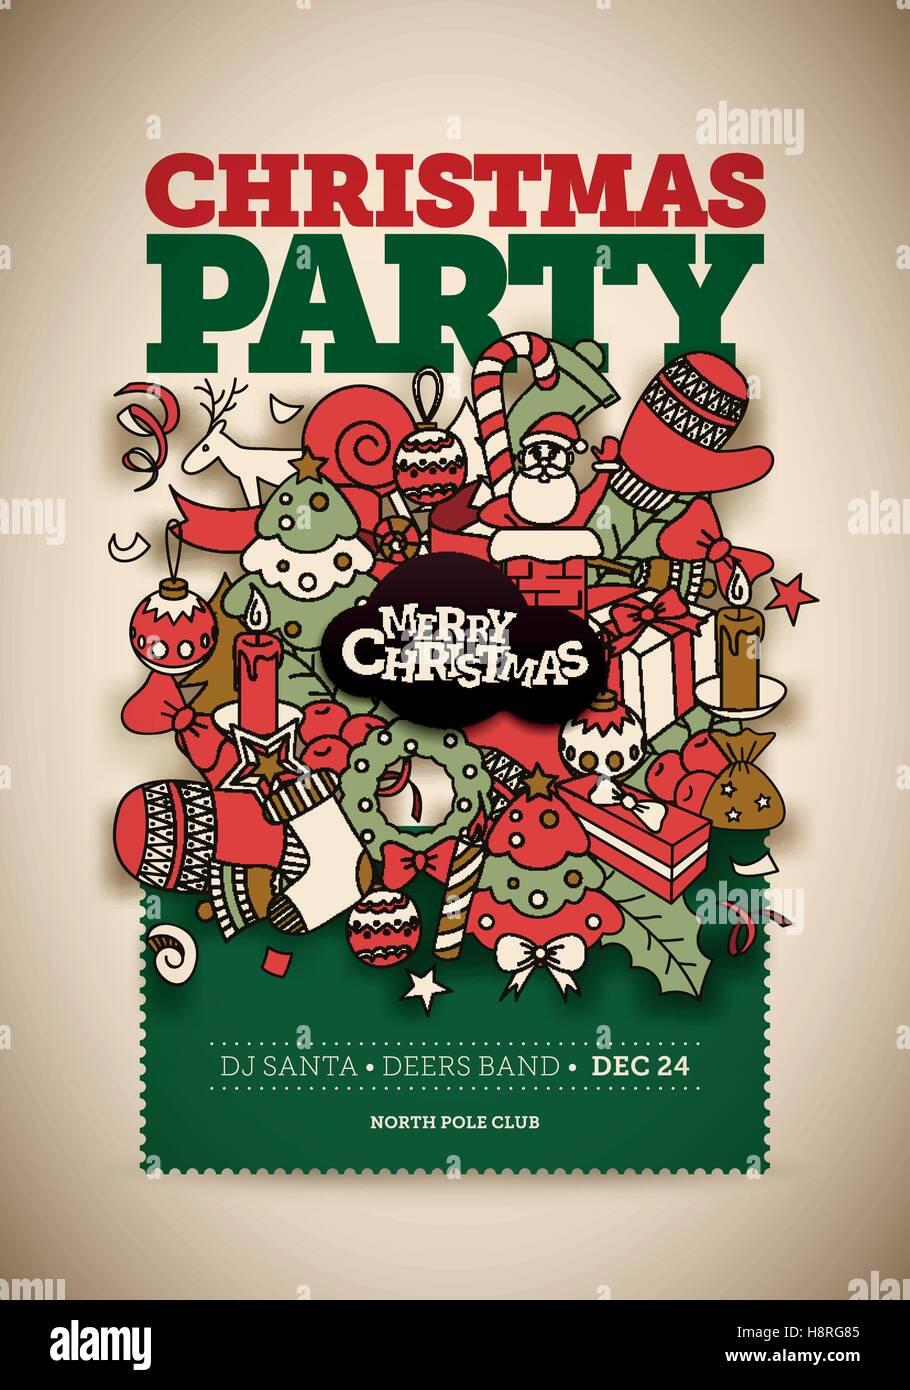 Weihnachtsfeier Plakat.Vektor Weihnachtsfeier Plakat Design Partei Handgezeichnete